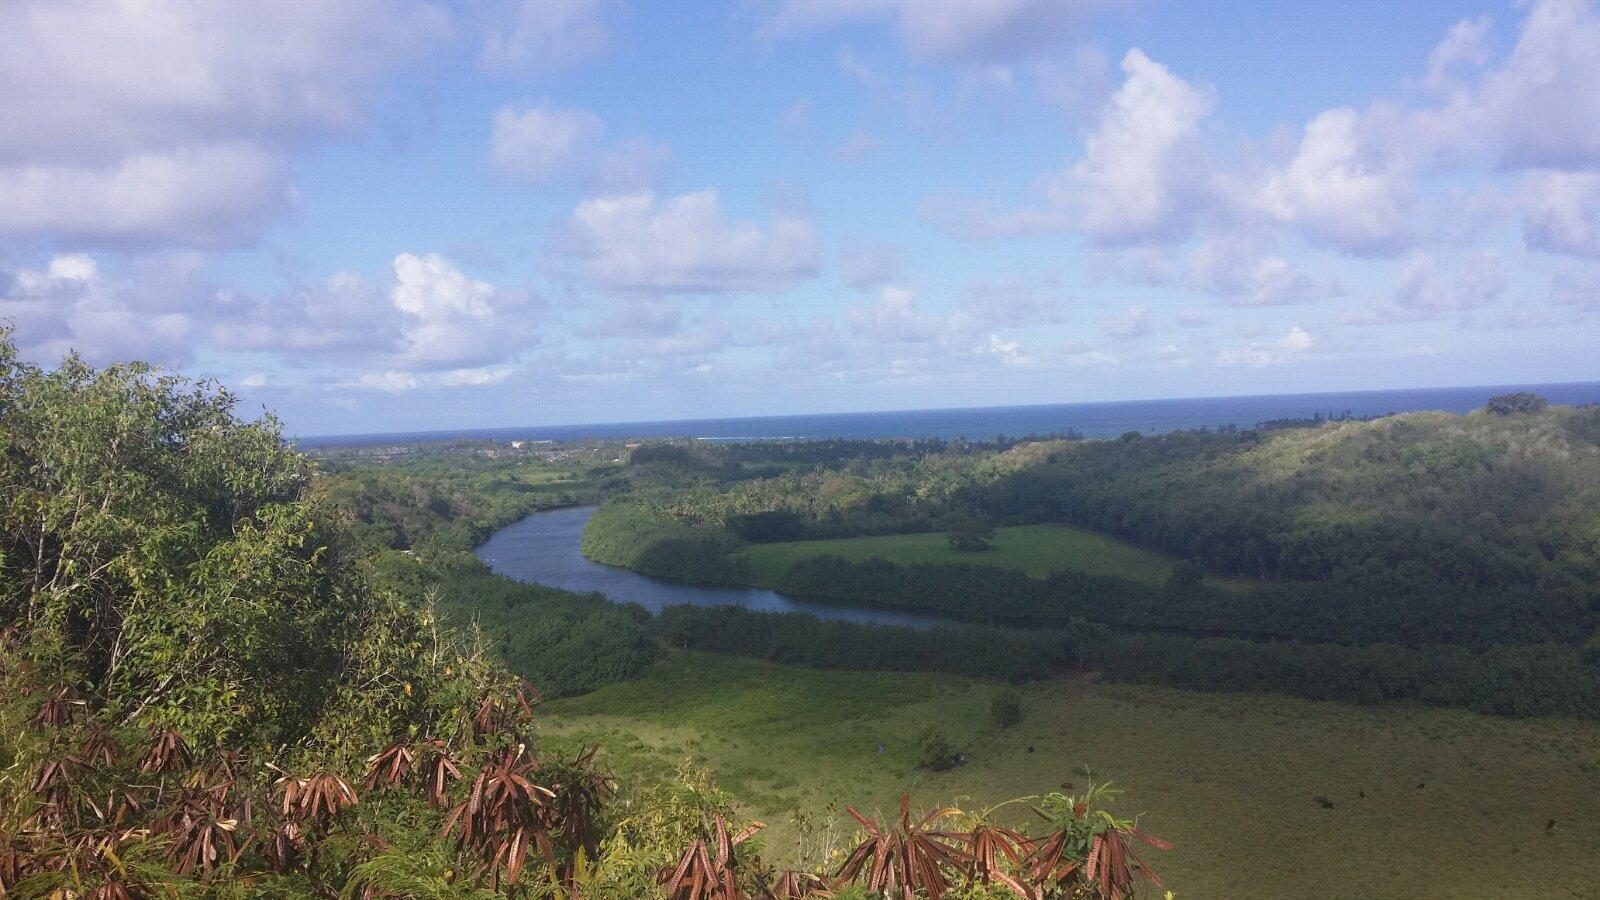 蓝色的天,白色的云,弯弯曲曲的河流,绿的发亮的草坪,远处是波澜壮阔的